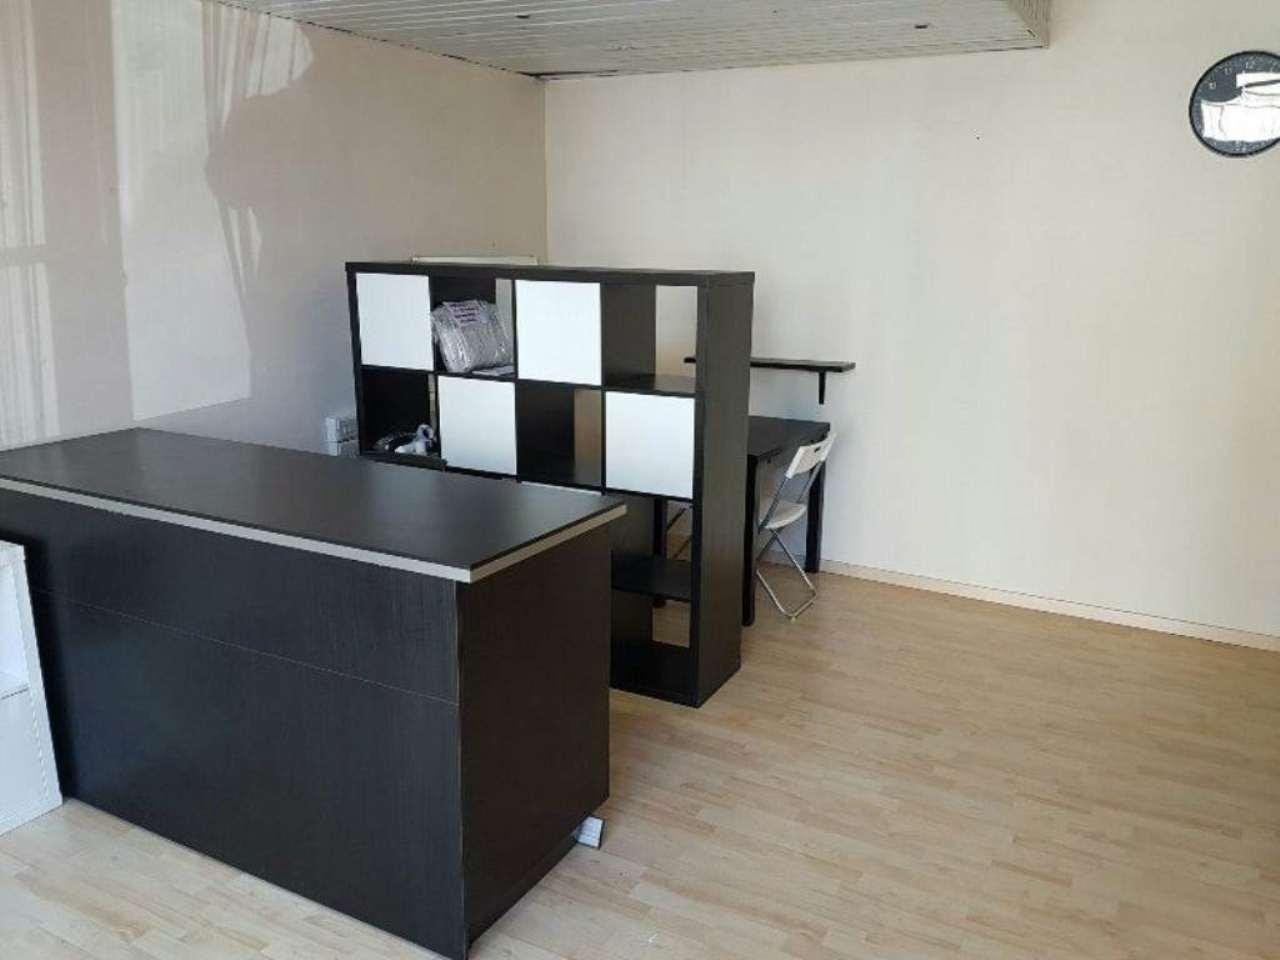 Negozio / Locale in affitto a Cinisello Balsamo, 2 locali, prezzo € 10.000 | Cambio Casa.it